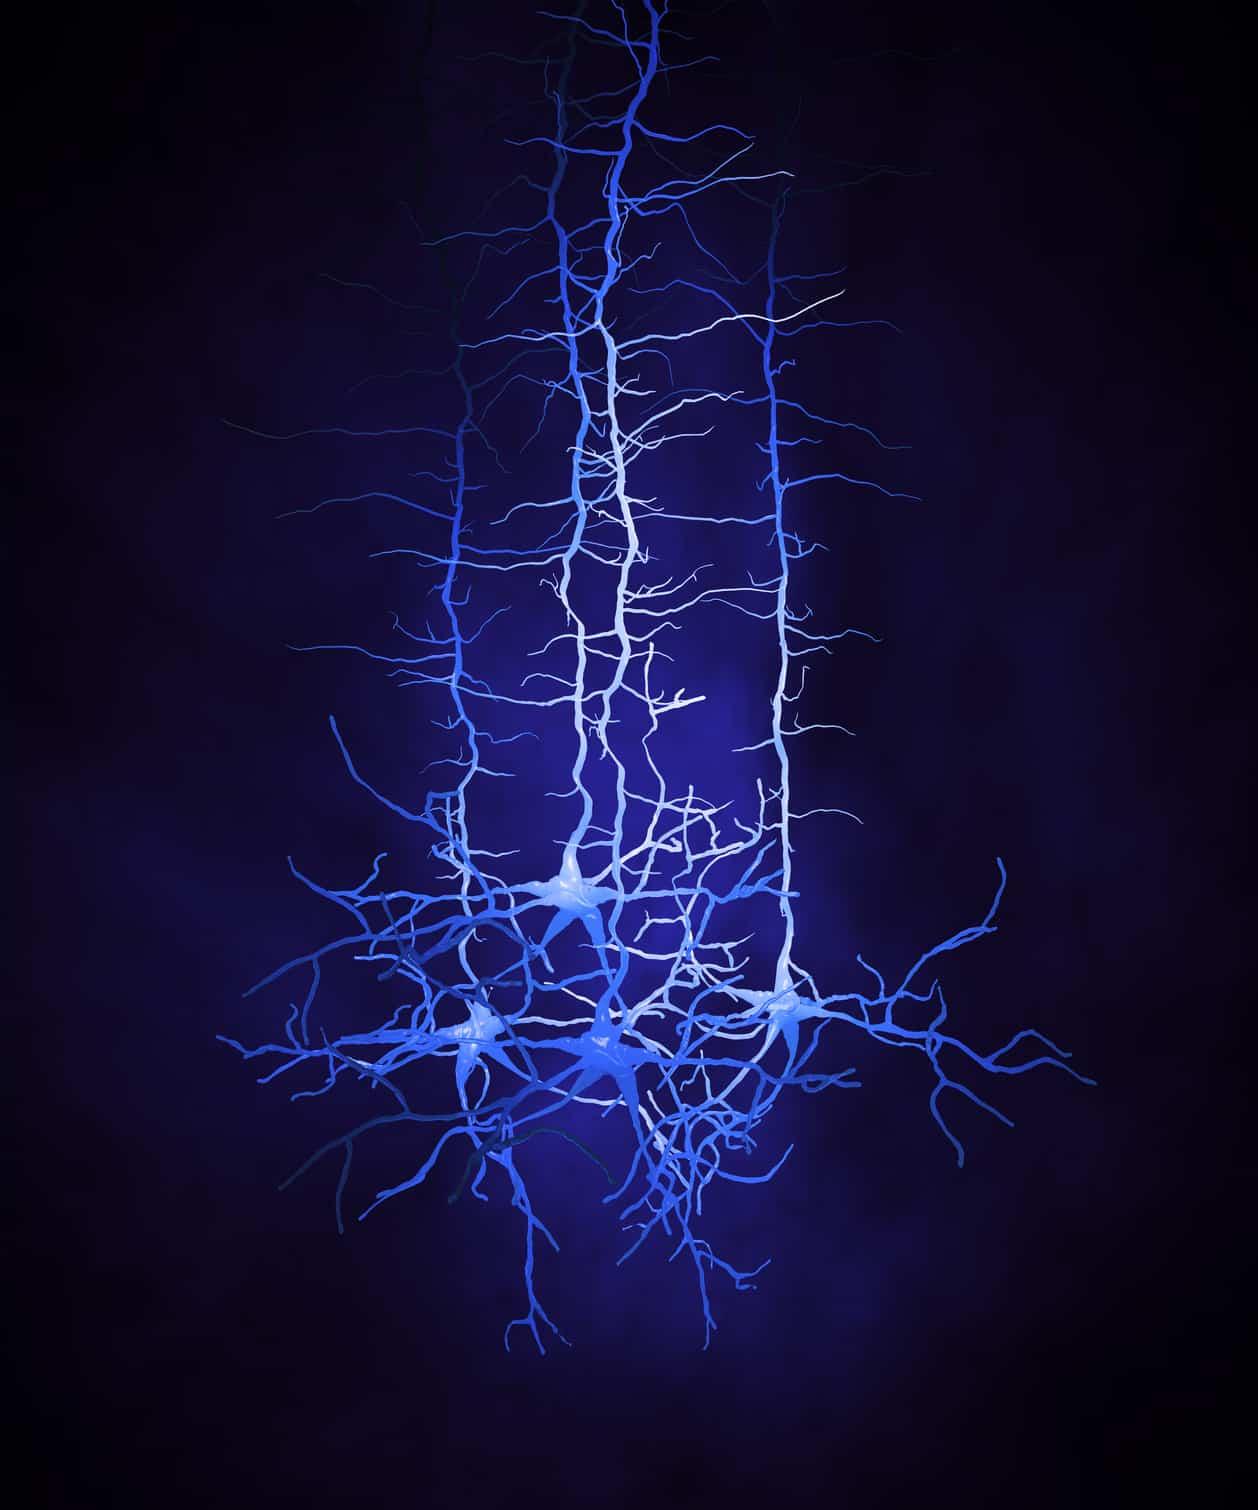 Das Bild zeigt einen Verbund von Neuronen. academay of neuroscience